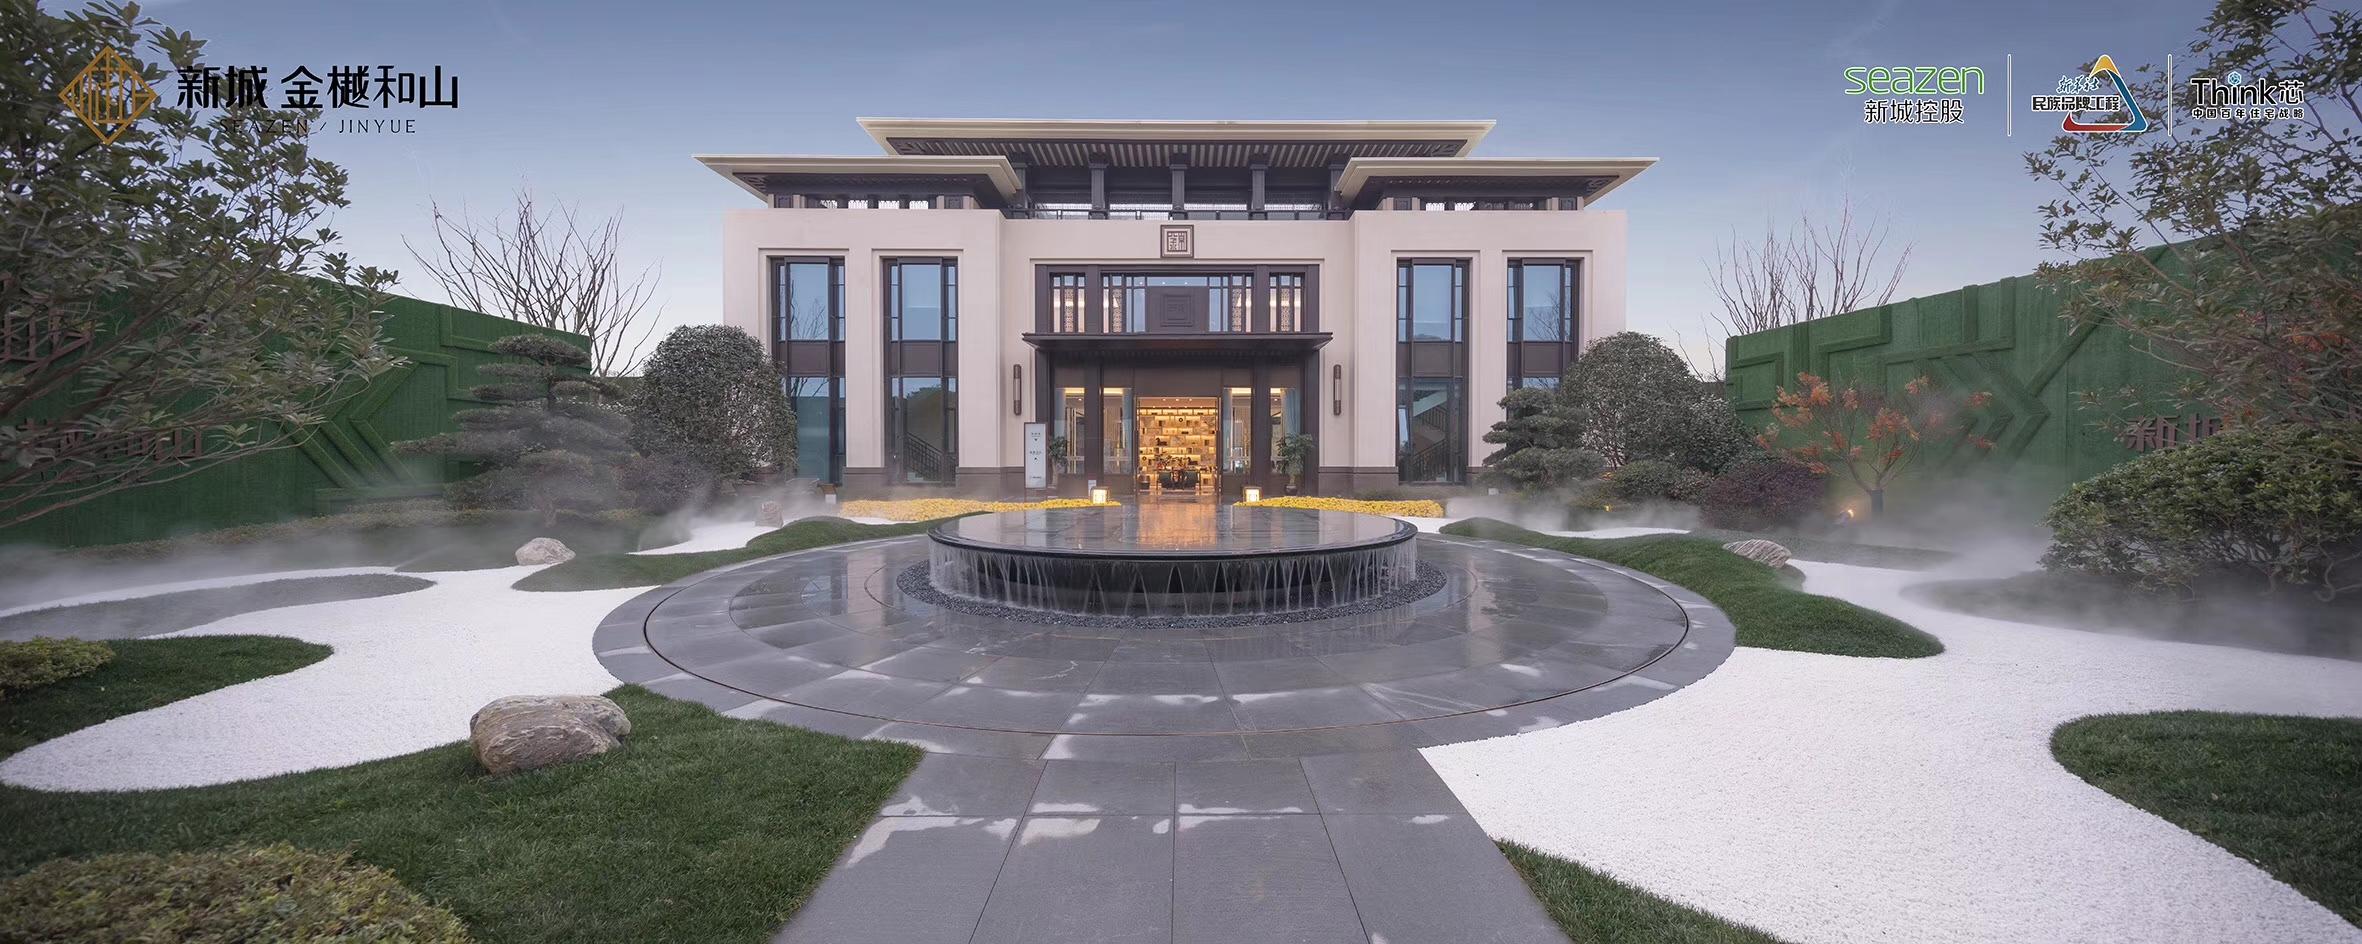 人性化居住体验 | 新城·金樾和山为您呈现-中国网地产